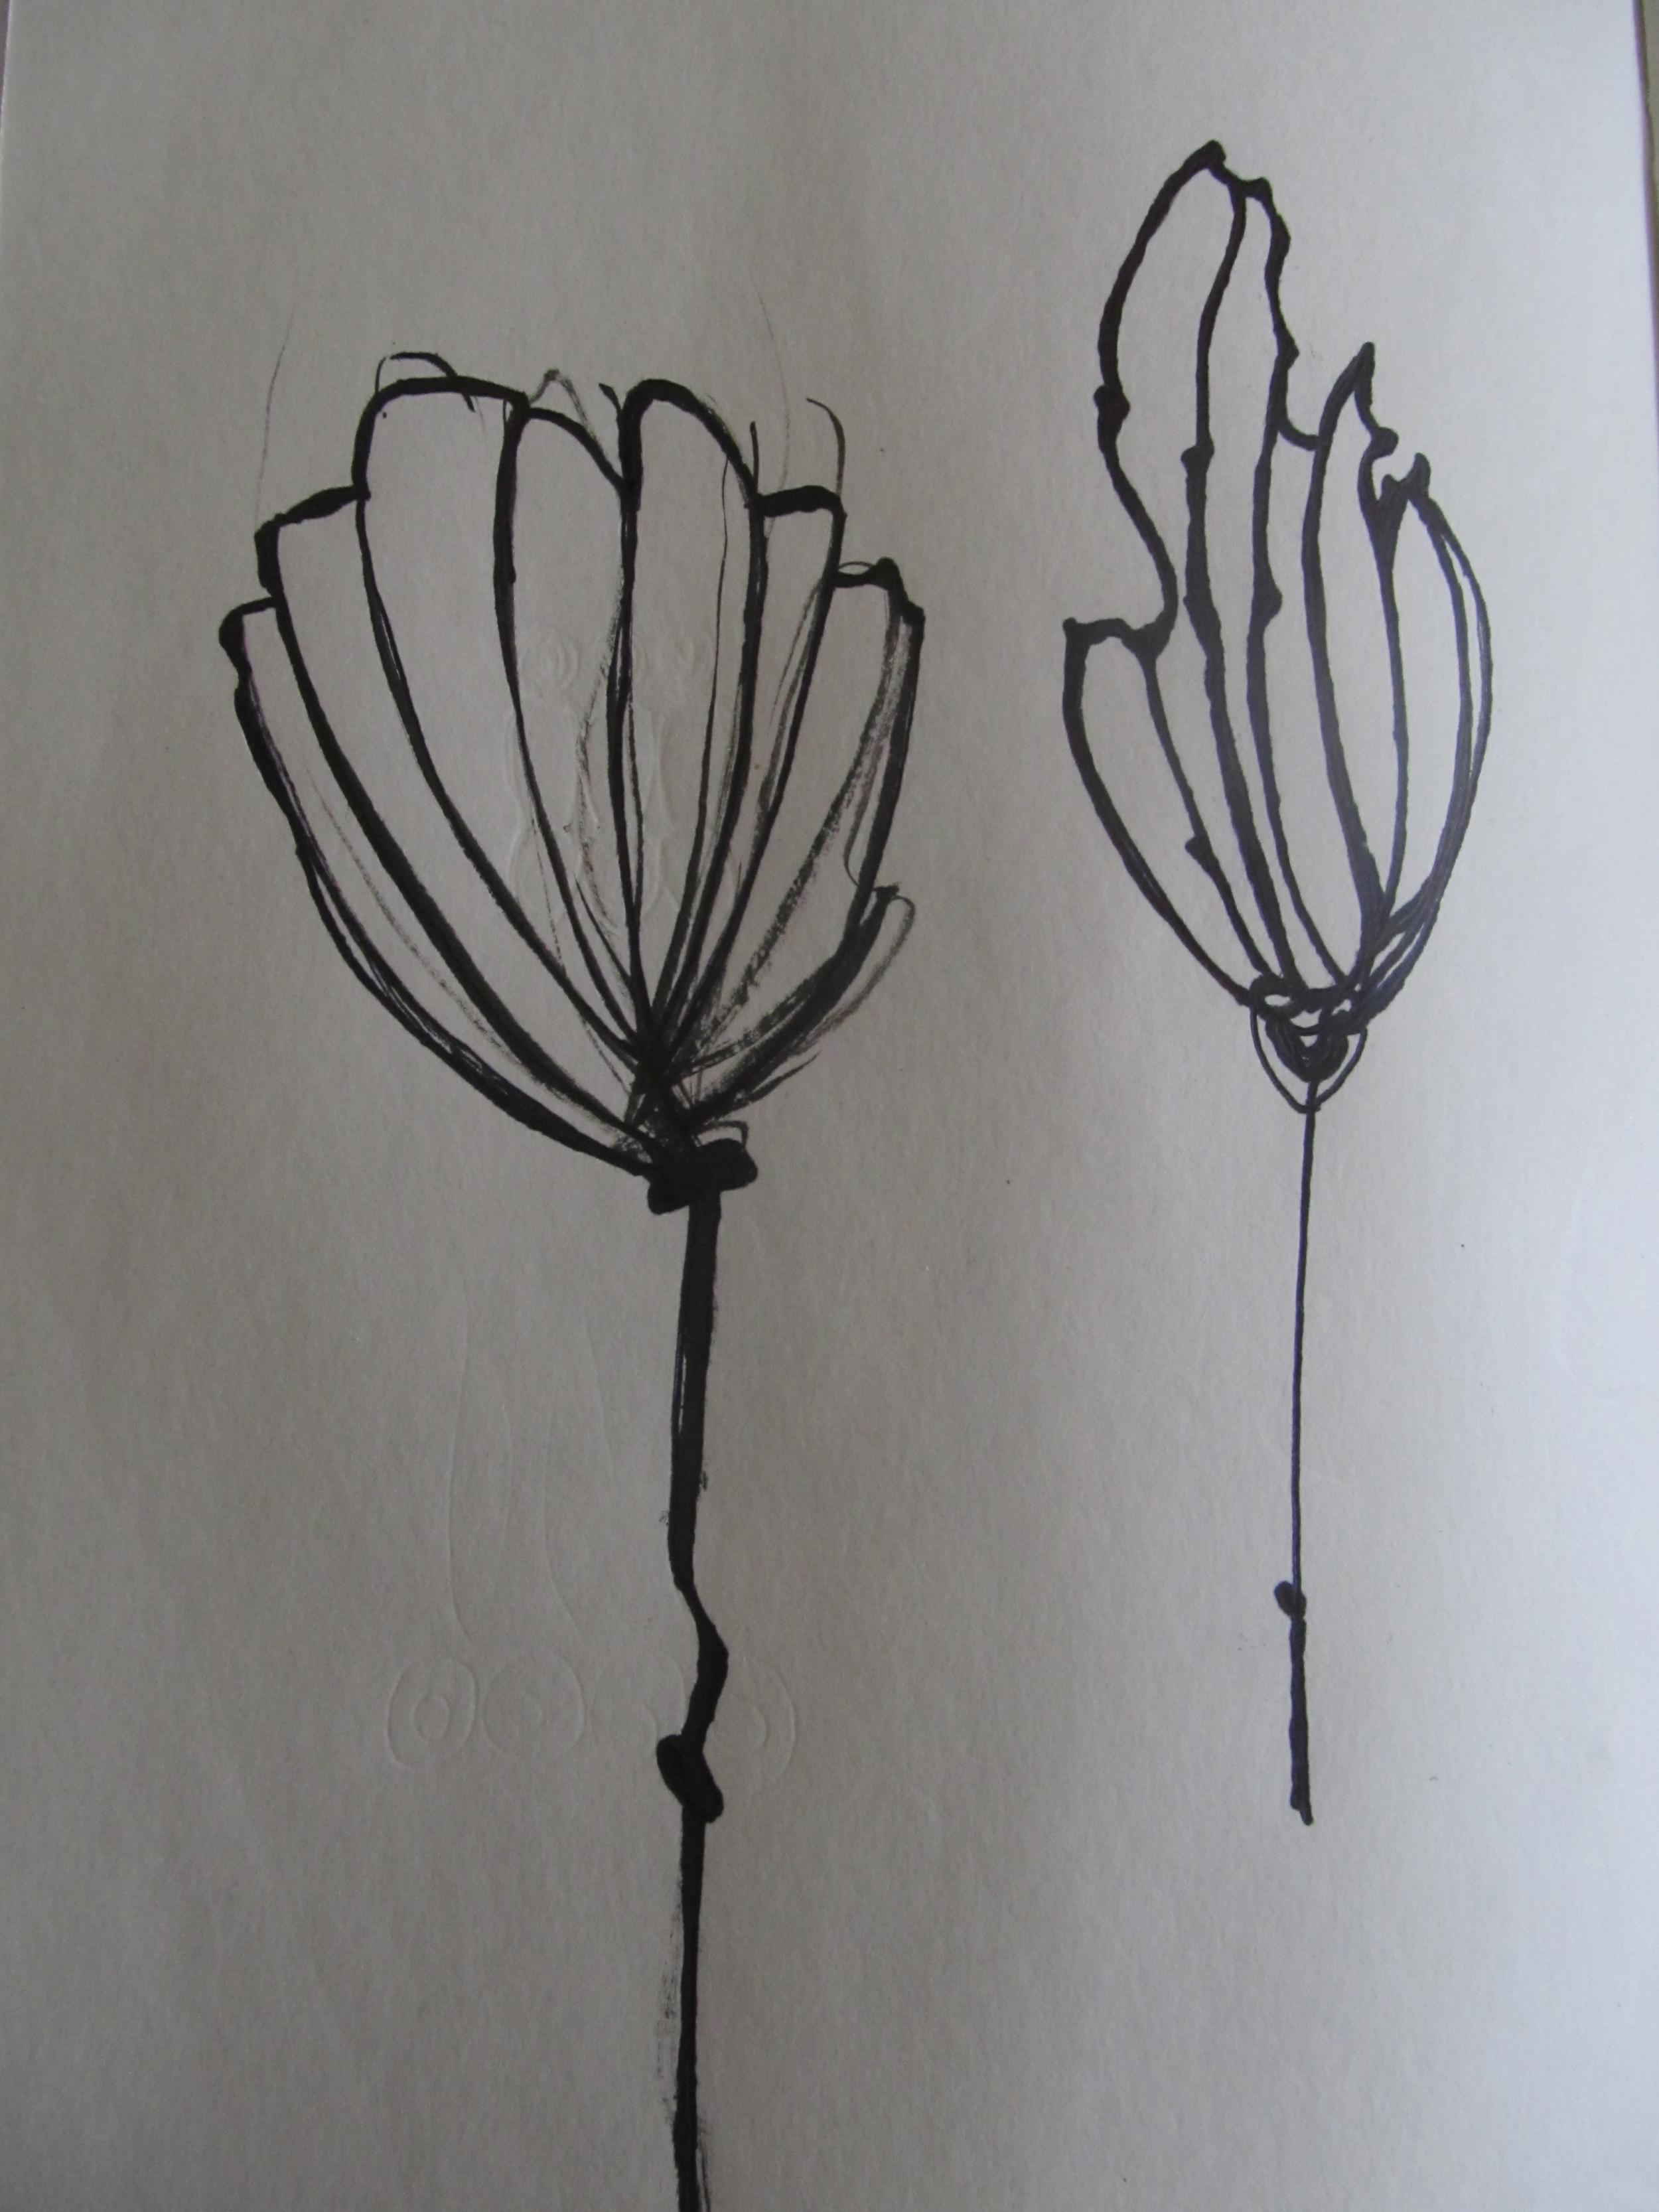 ink sketches/sketchbook, Varanasi, 2013